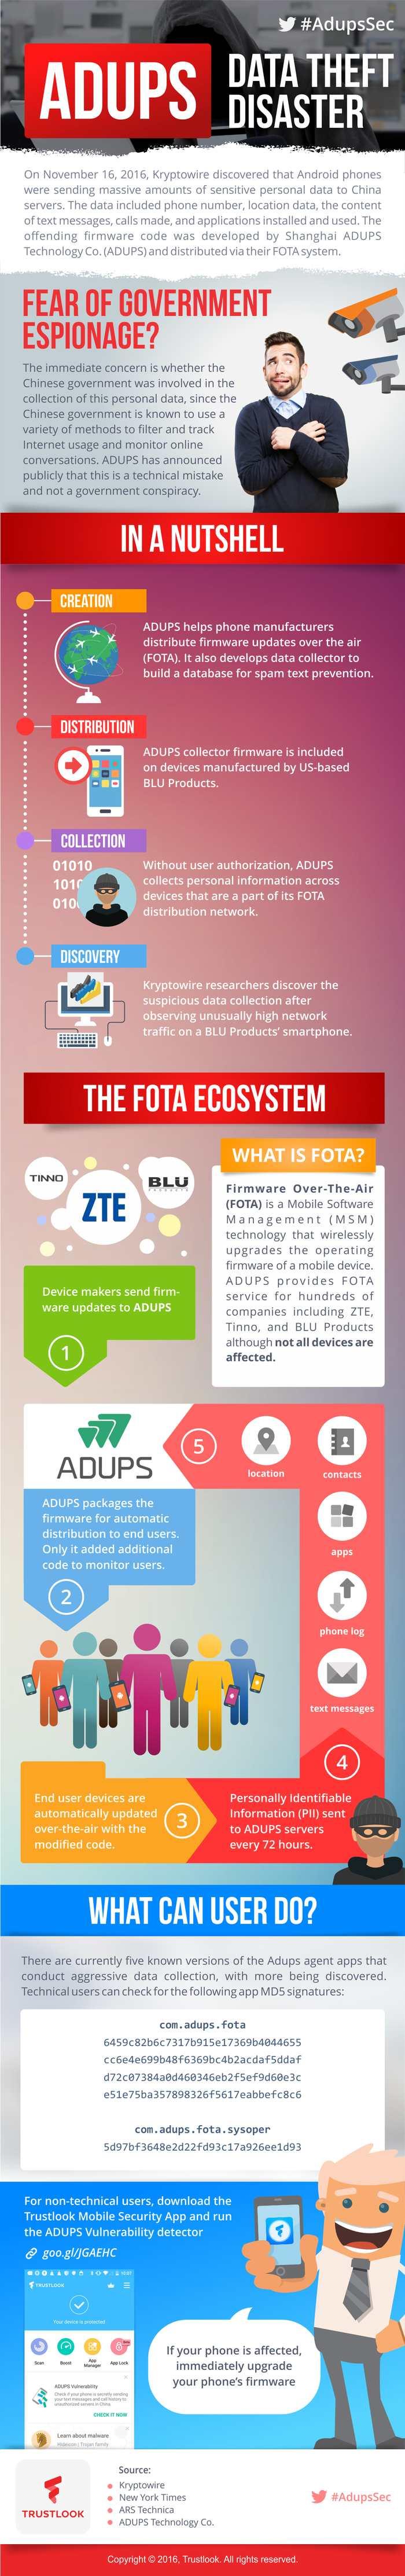 Une infographie sur le spyware AdUps - Crédit : Trustlook